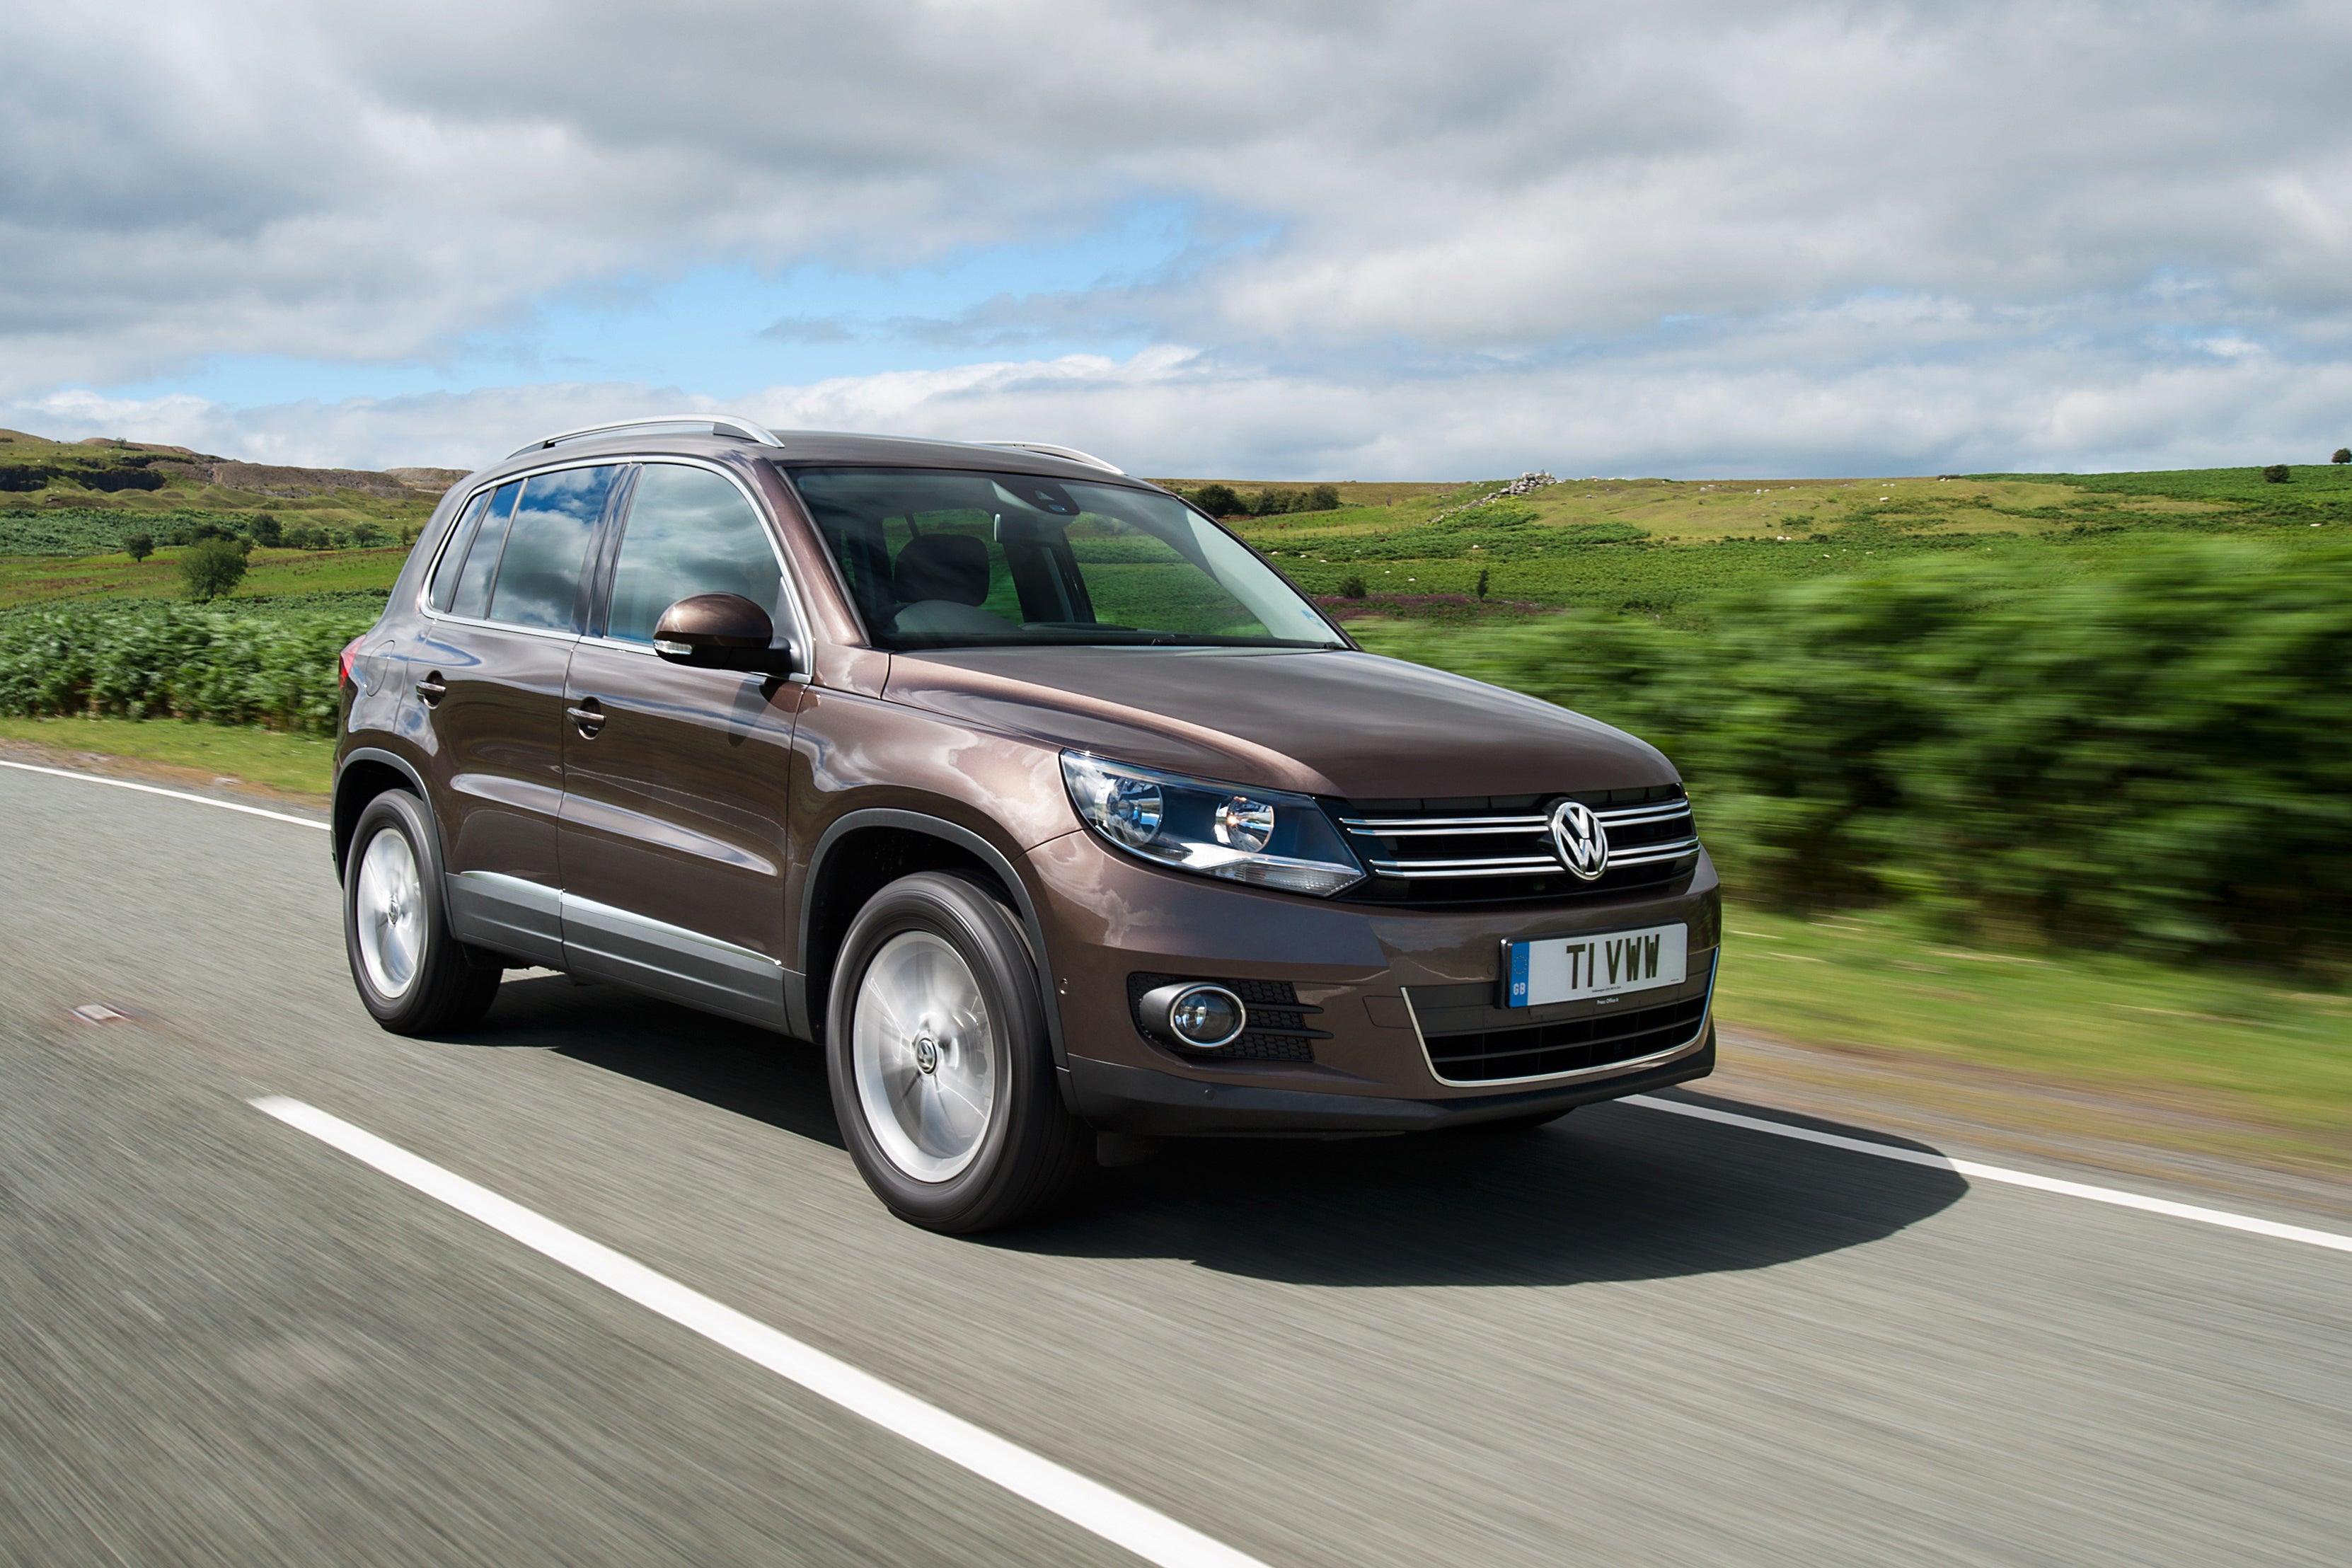 Volkswagen Tiguan on road